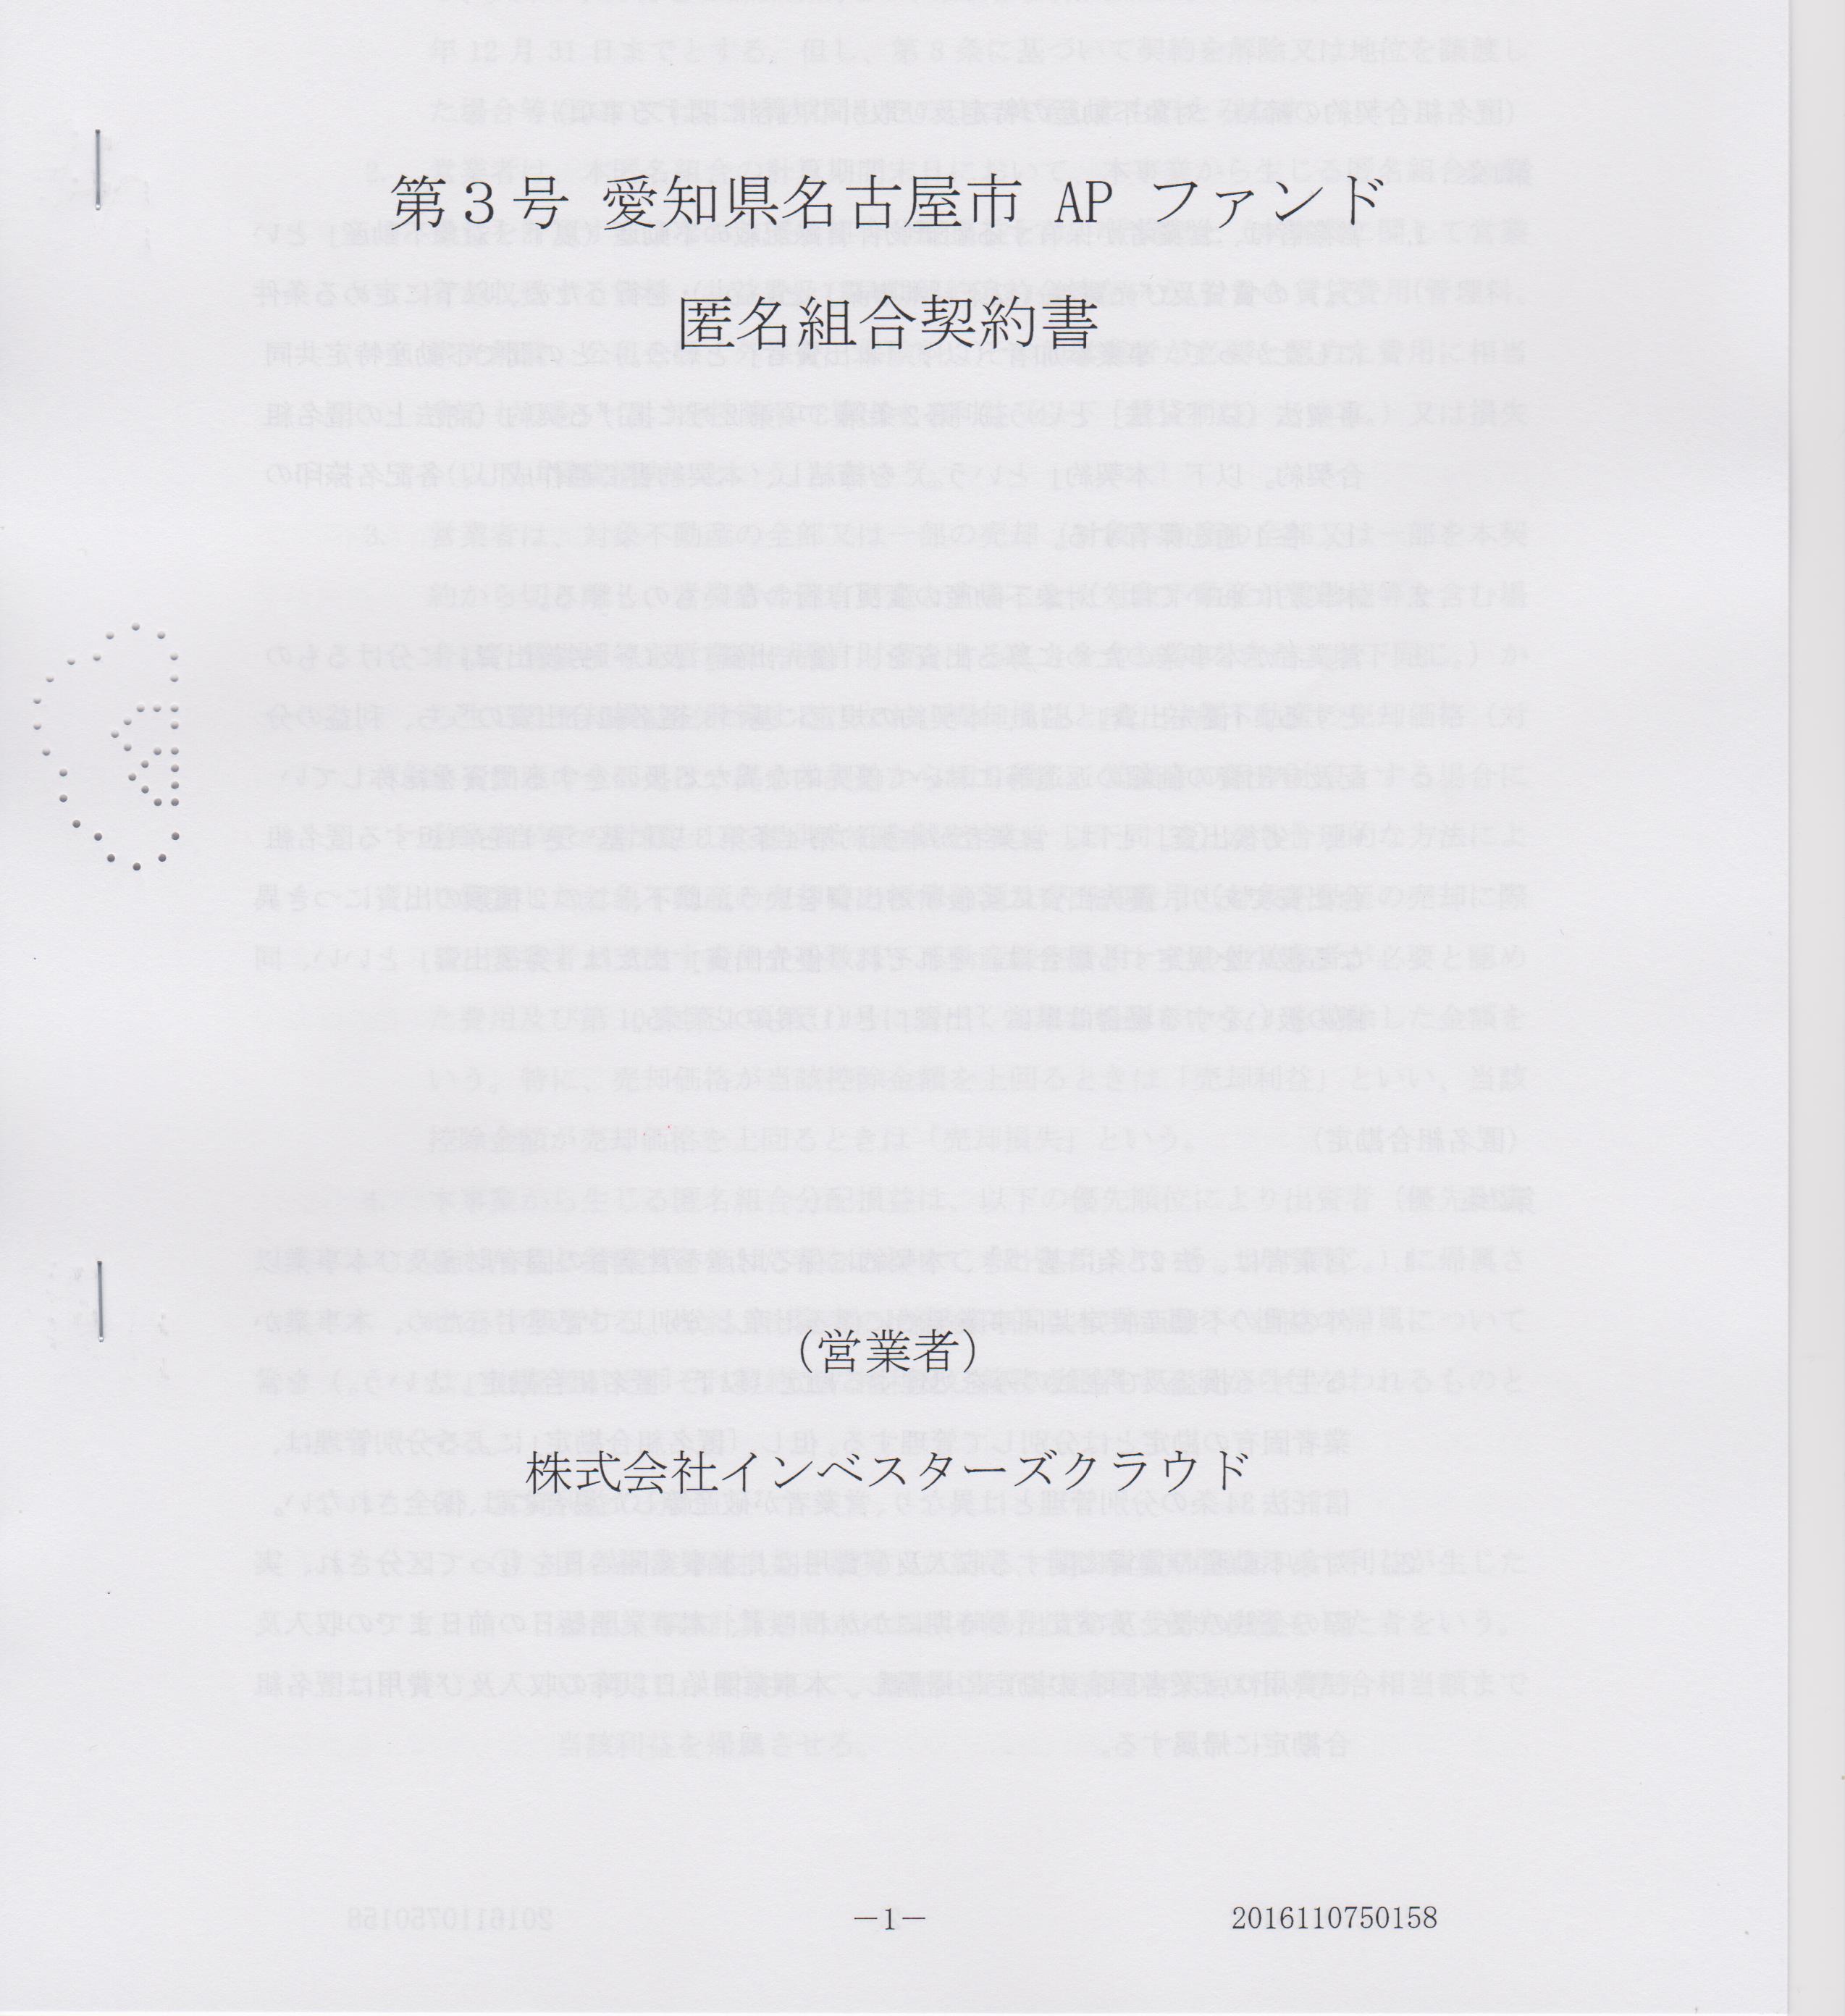 匿名組合契約書 001